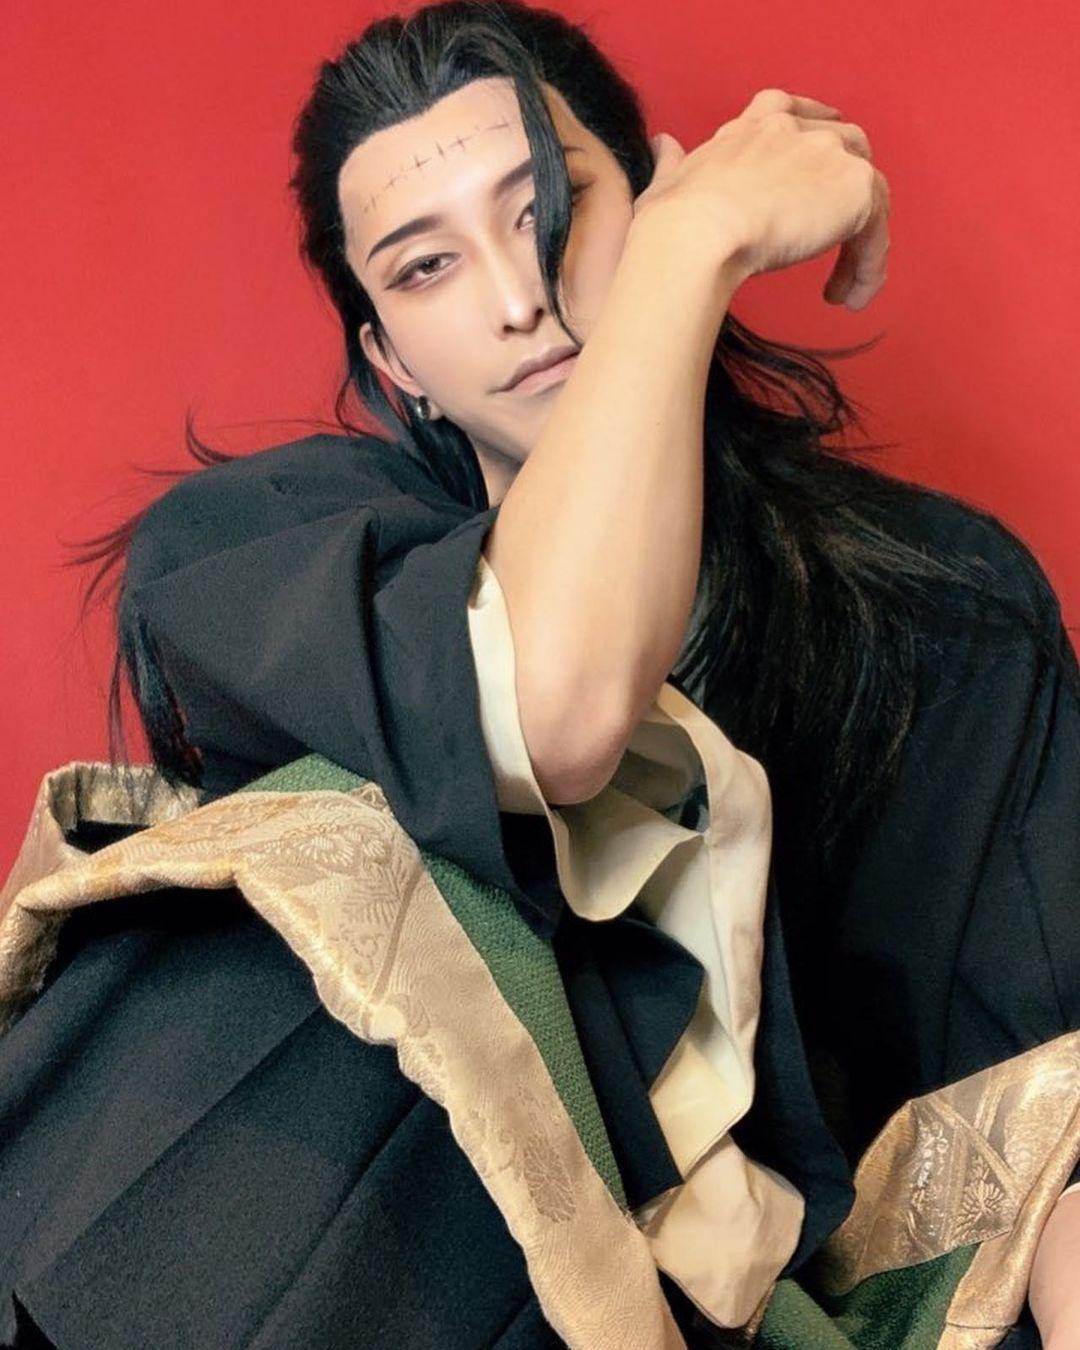 Fotografía del cosplayer Zumi haciendo de Suguru Geto de 'Jujutsu Kaisen' mientras está sentado en el sueño con expresión seductora en un fondo rojo.